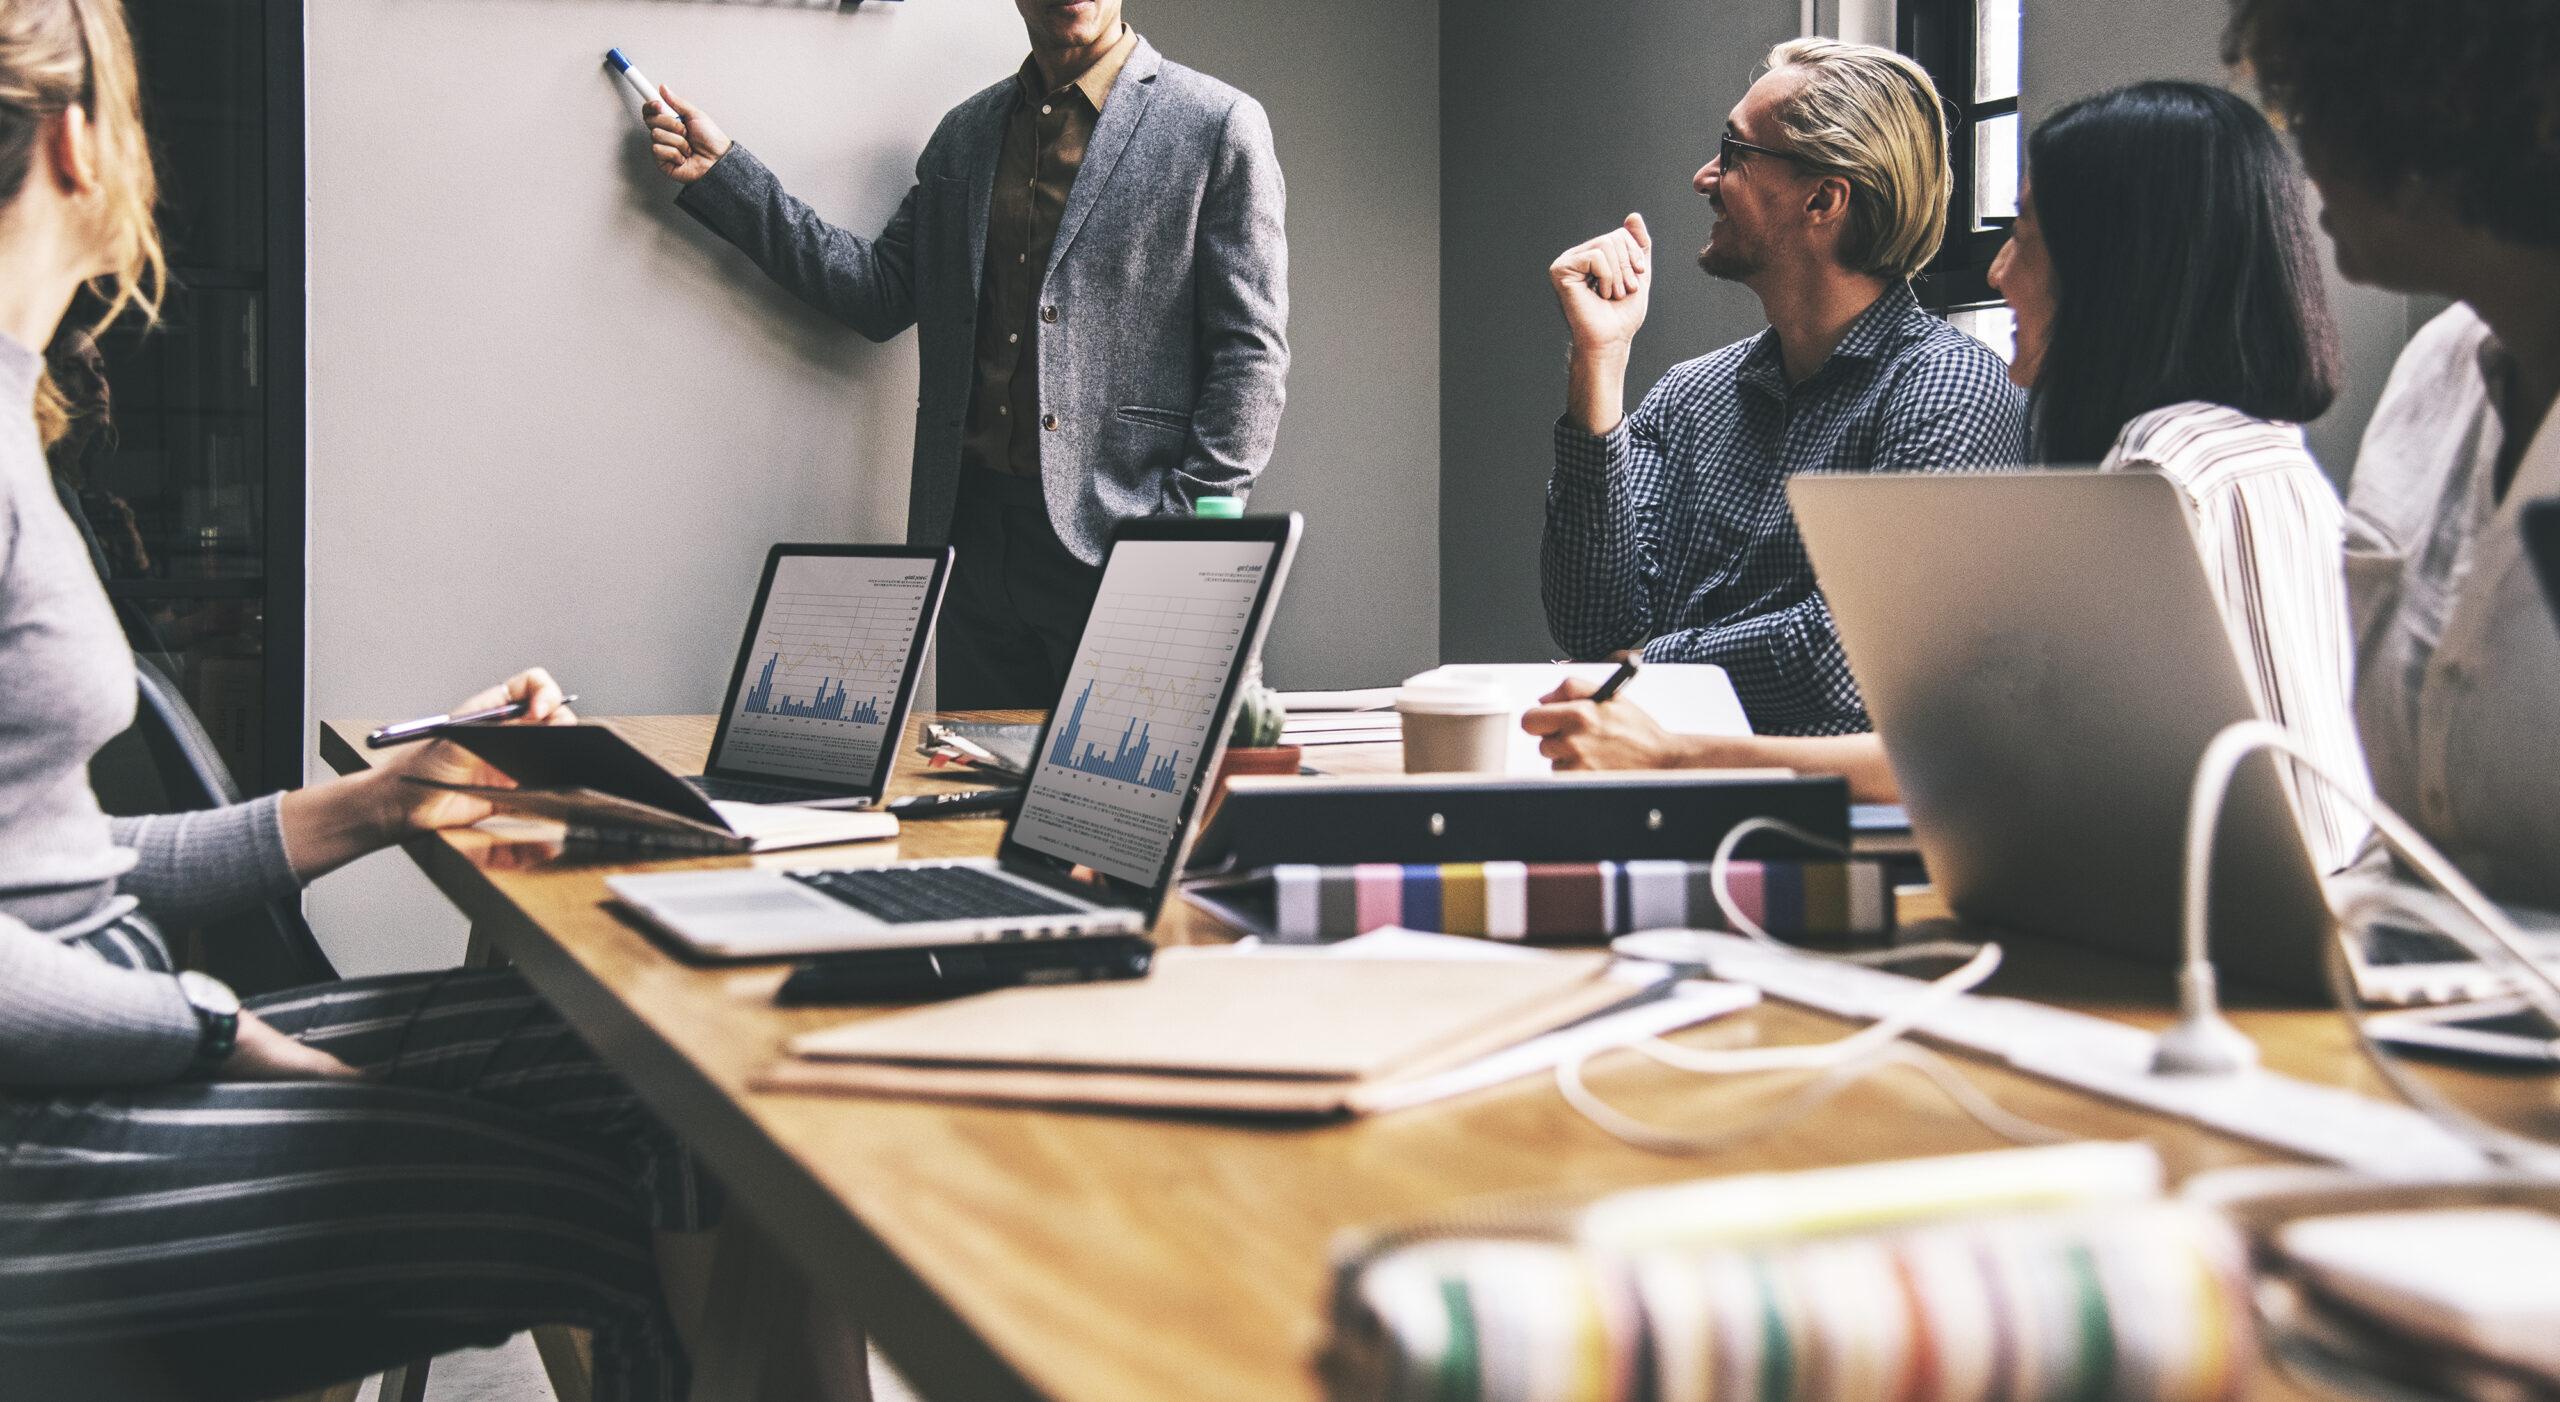 מקצועות רווחיים בישראל – מה המקצועות הכי רווחיים?